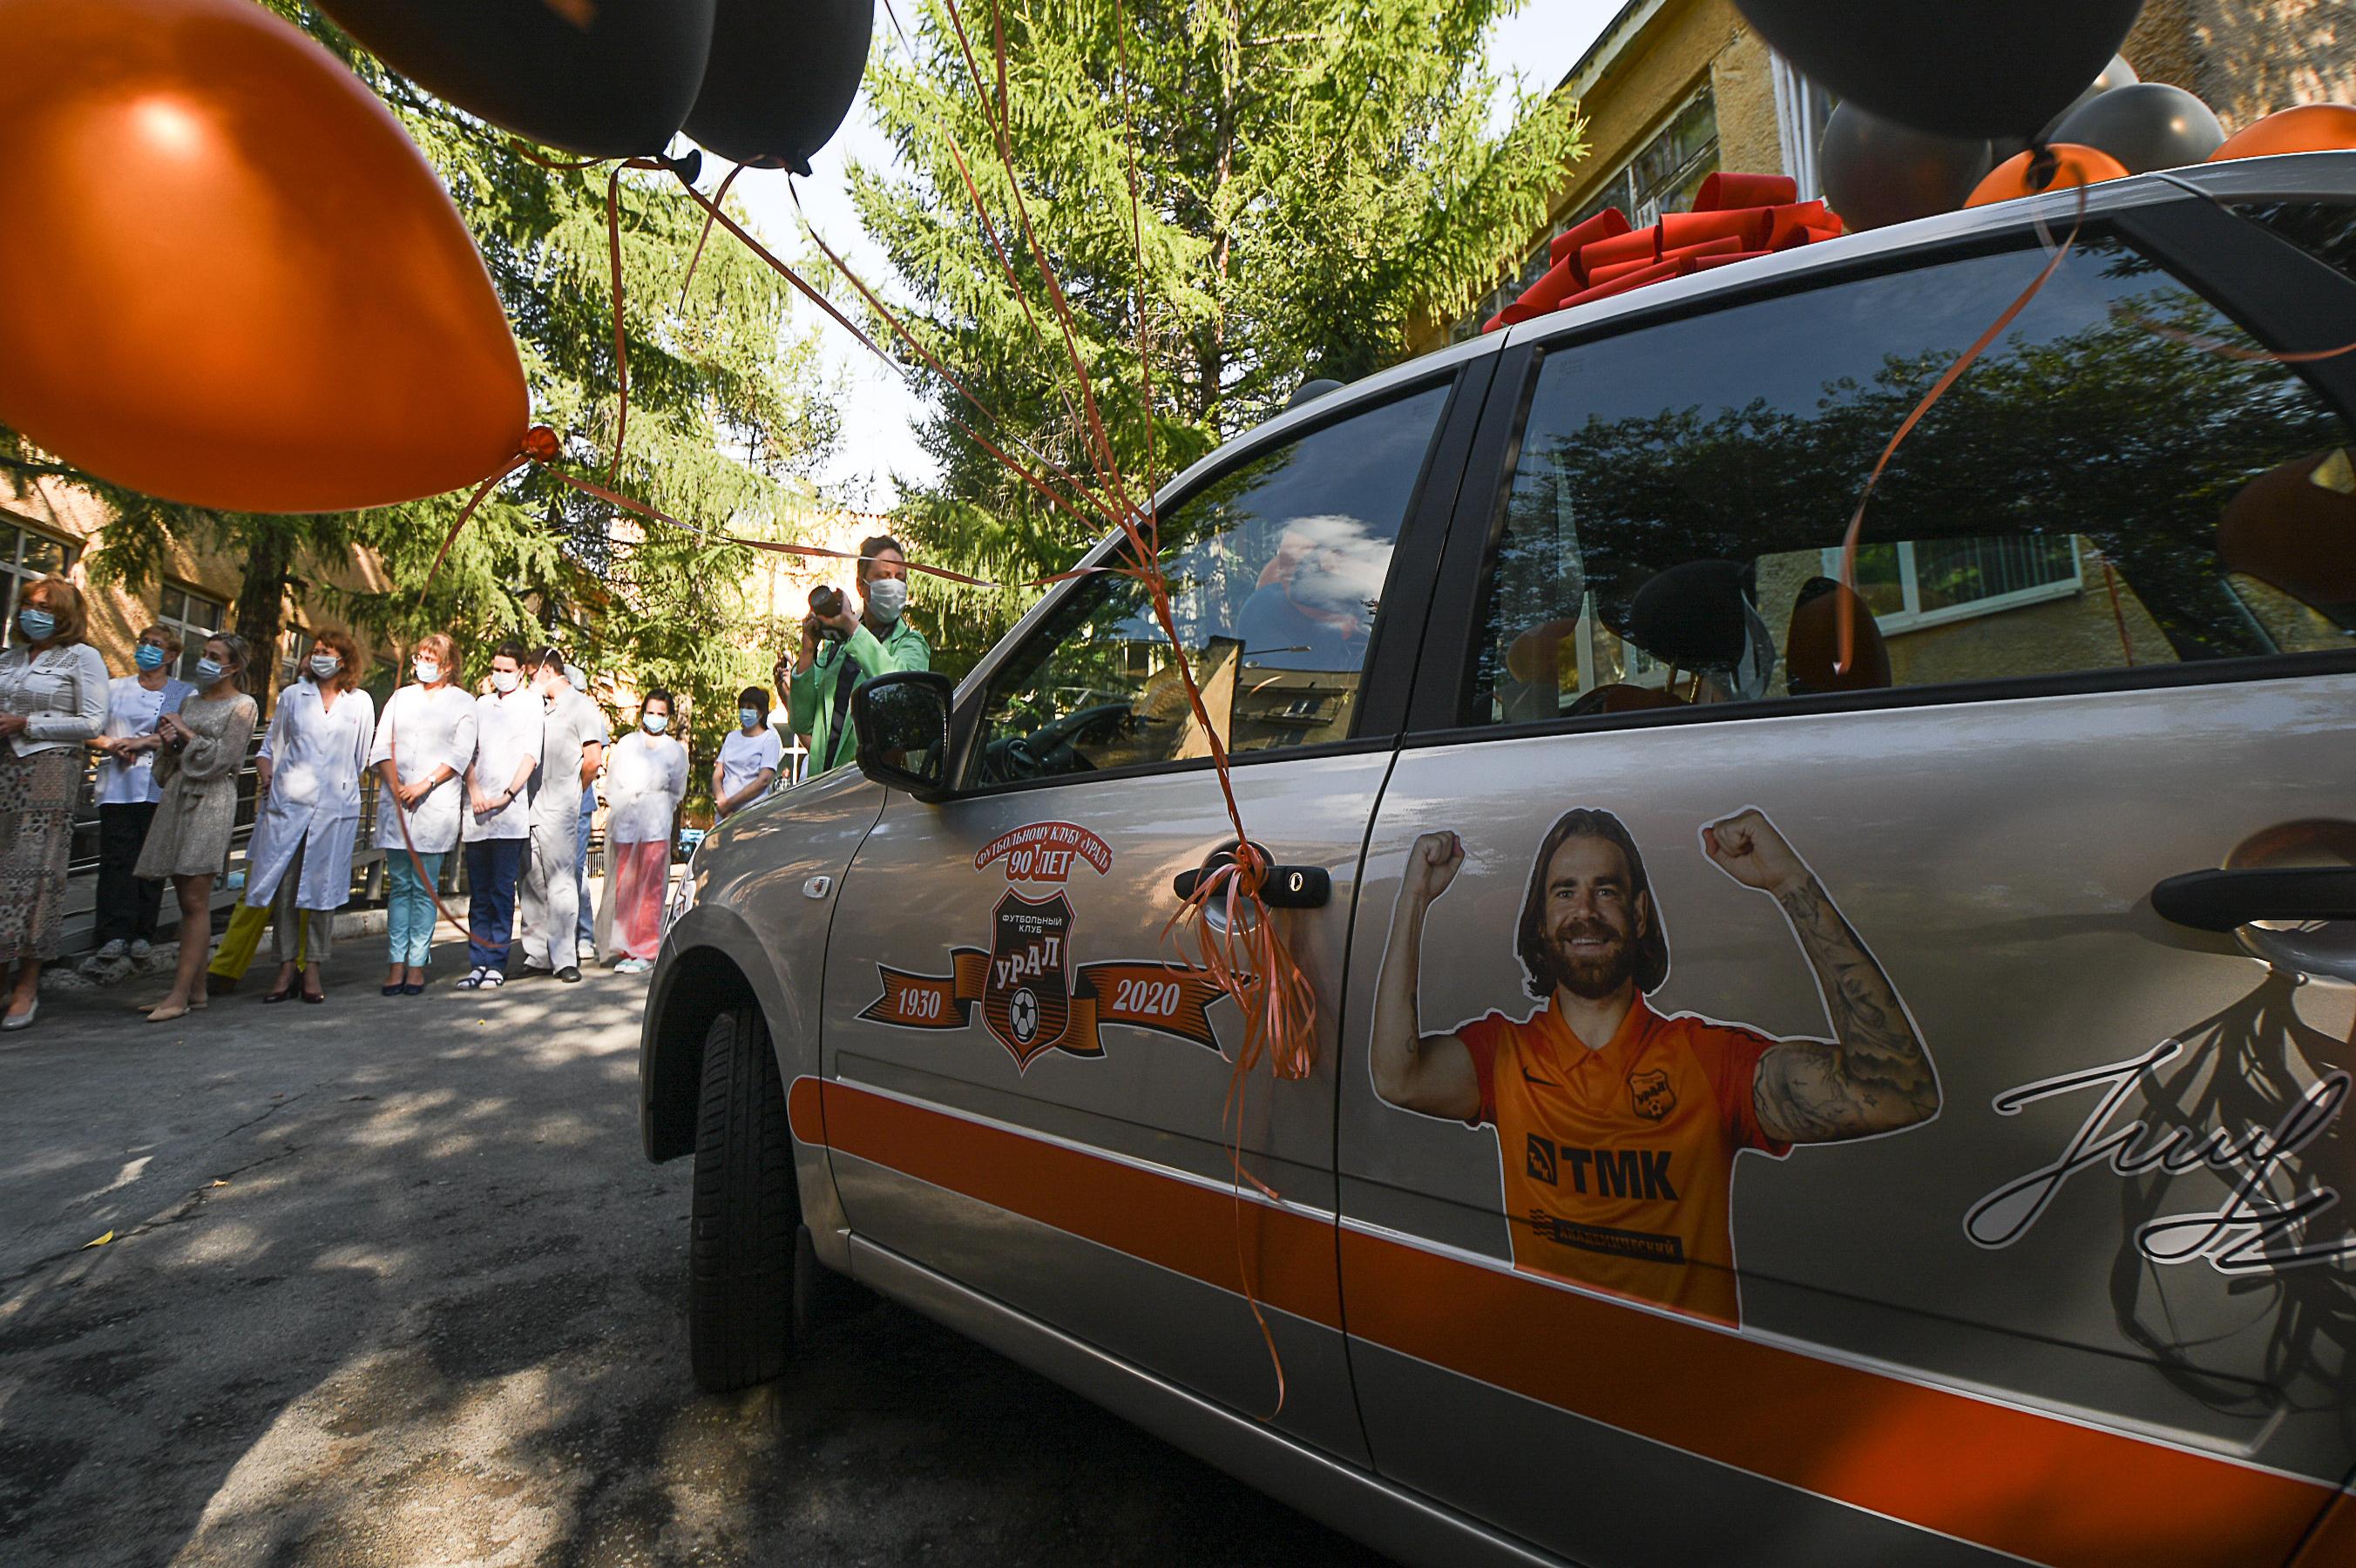 Этим летом футболист клуба «Урал» Эрик Бикфалви подарил одной из больниц Екатеринбурга автомобиль